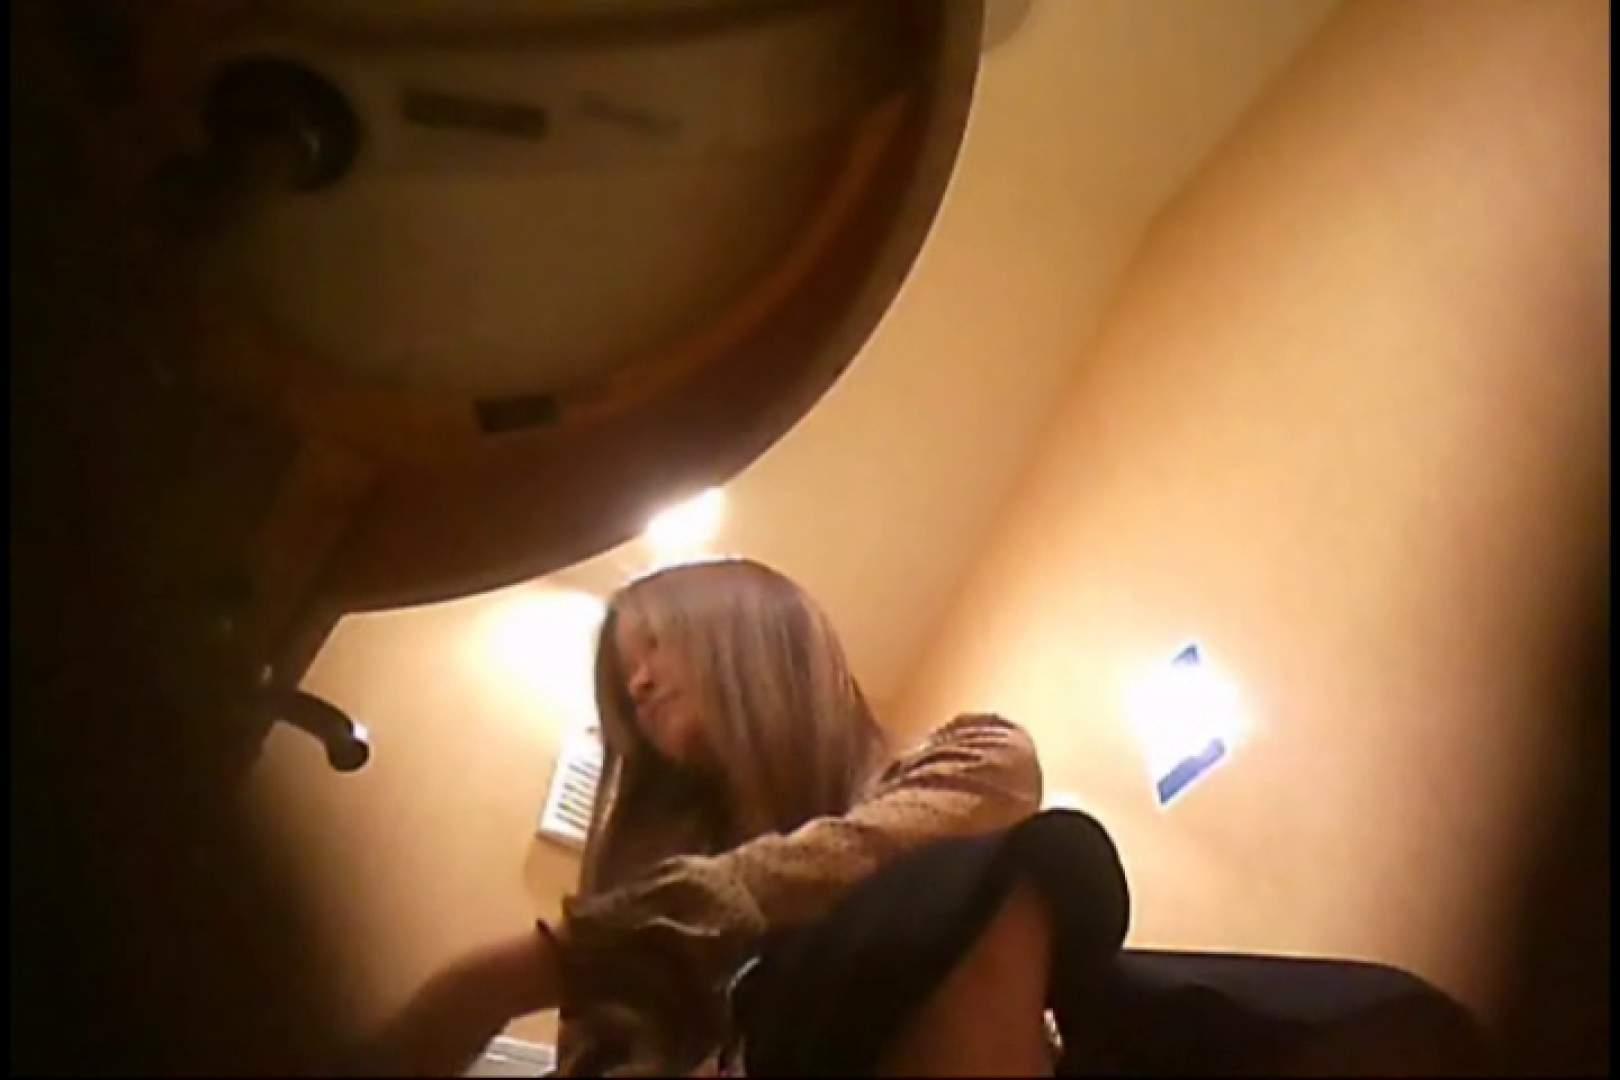 潜入!!女子化粧室盗撮~絶対見られたくない時間~vo,111 ぽっちゃり ヌード画像 100画像 89